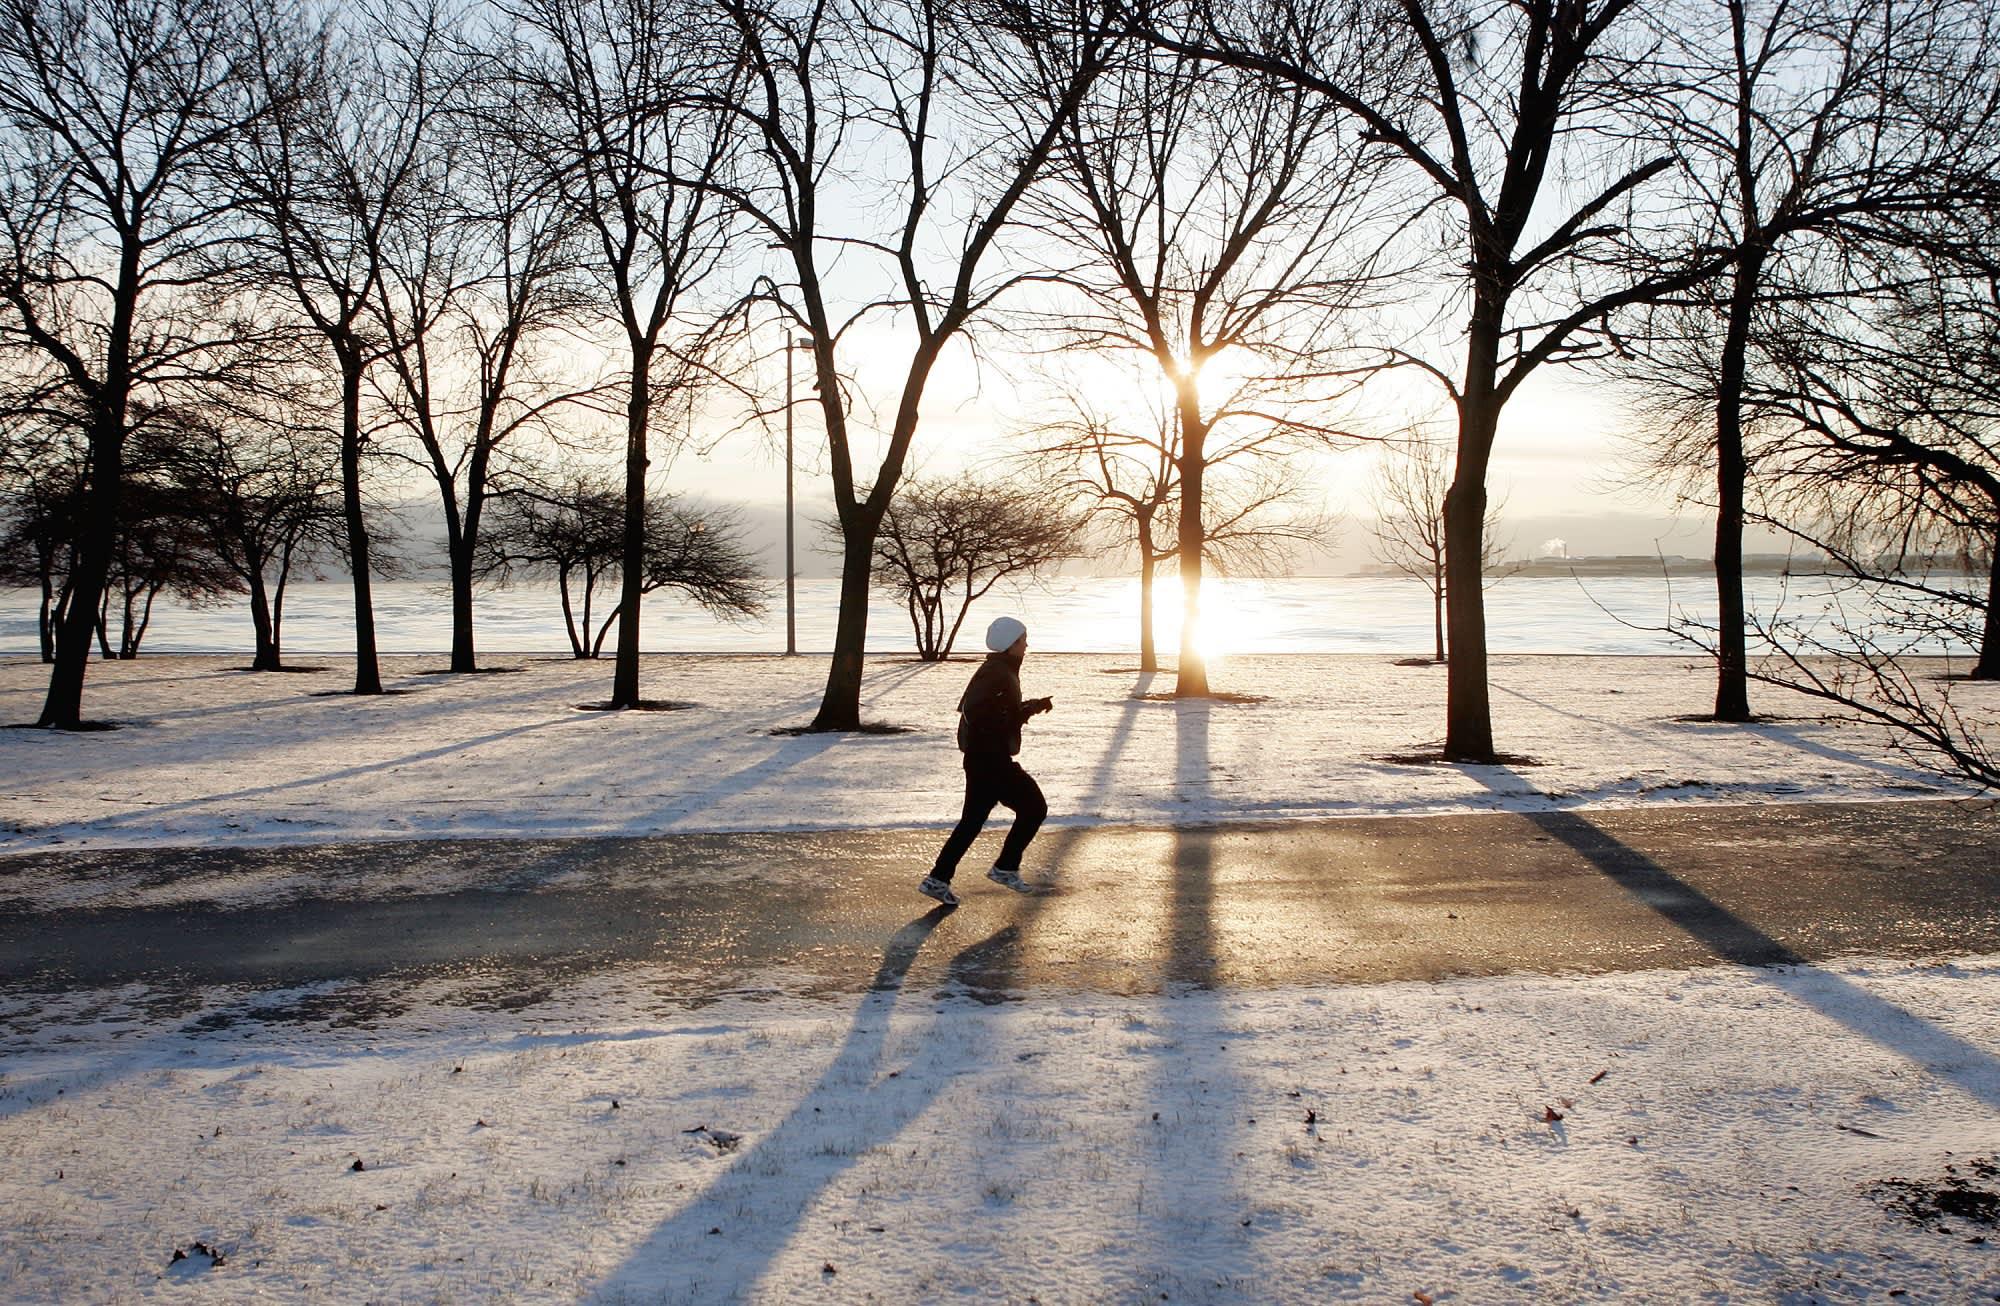 обеспечивает картинка бегущий человек зимой всему, природа